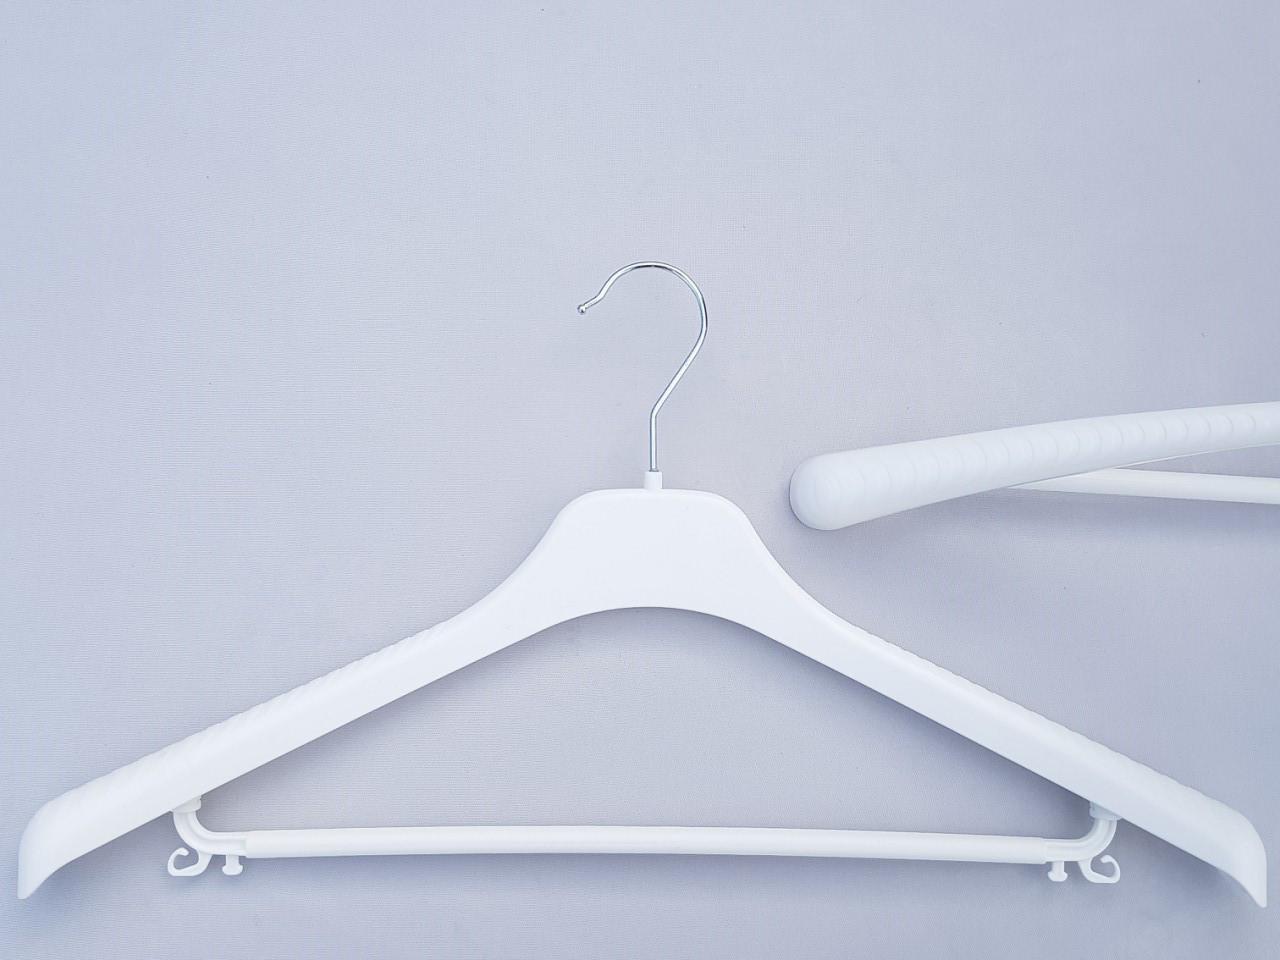 Длина 46 см.Плечики вешалки пластмассовые V-Tp46 белого цвета